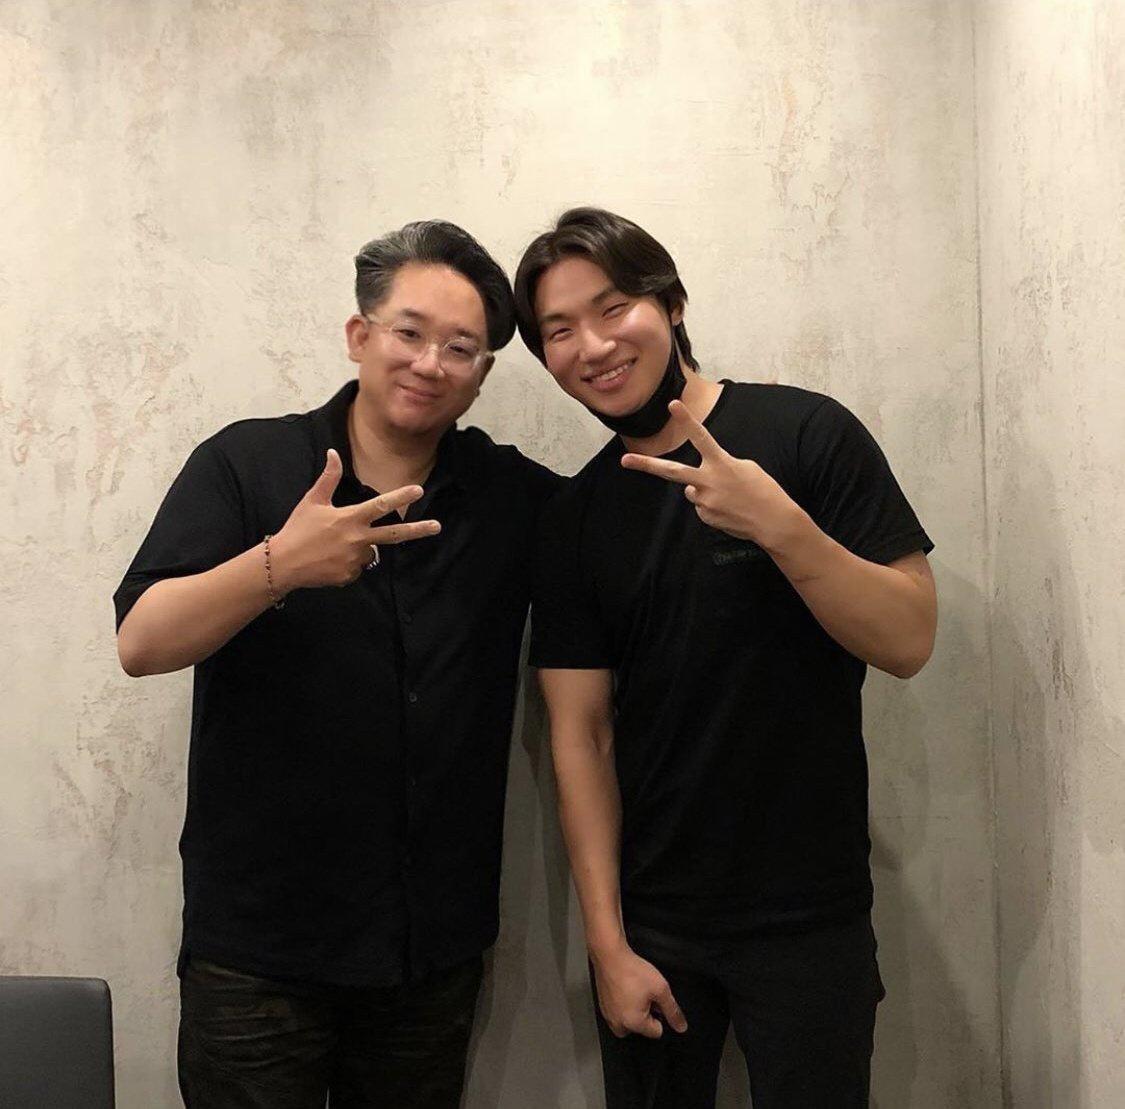 200916 dari eskimo7474 IG, Daesung muncul guys gemessh senyum nyaaa😭😍_1